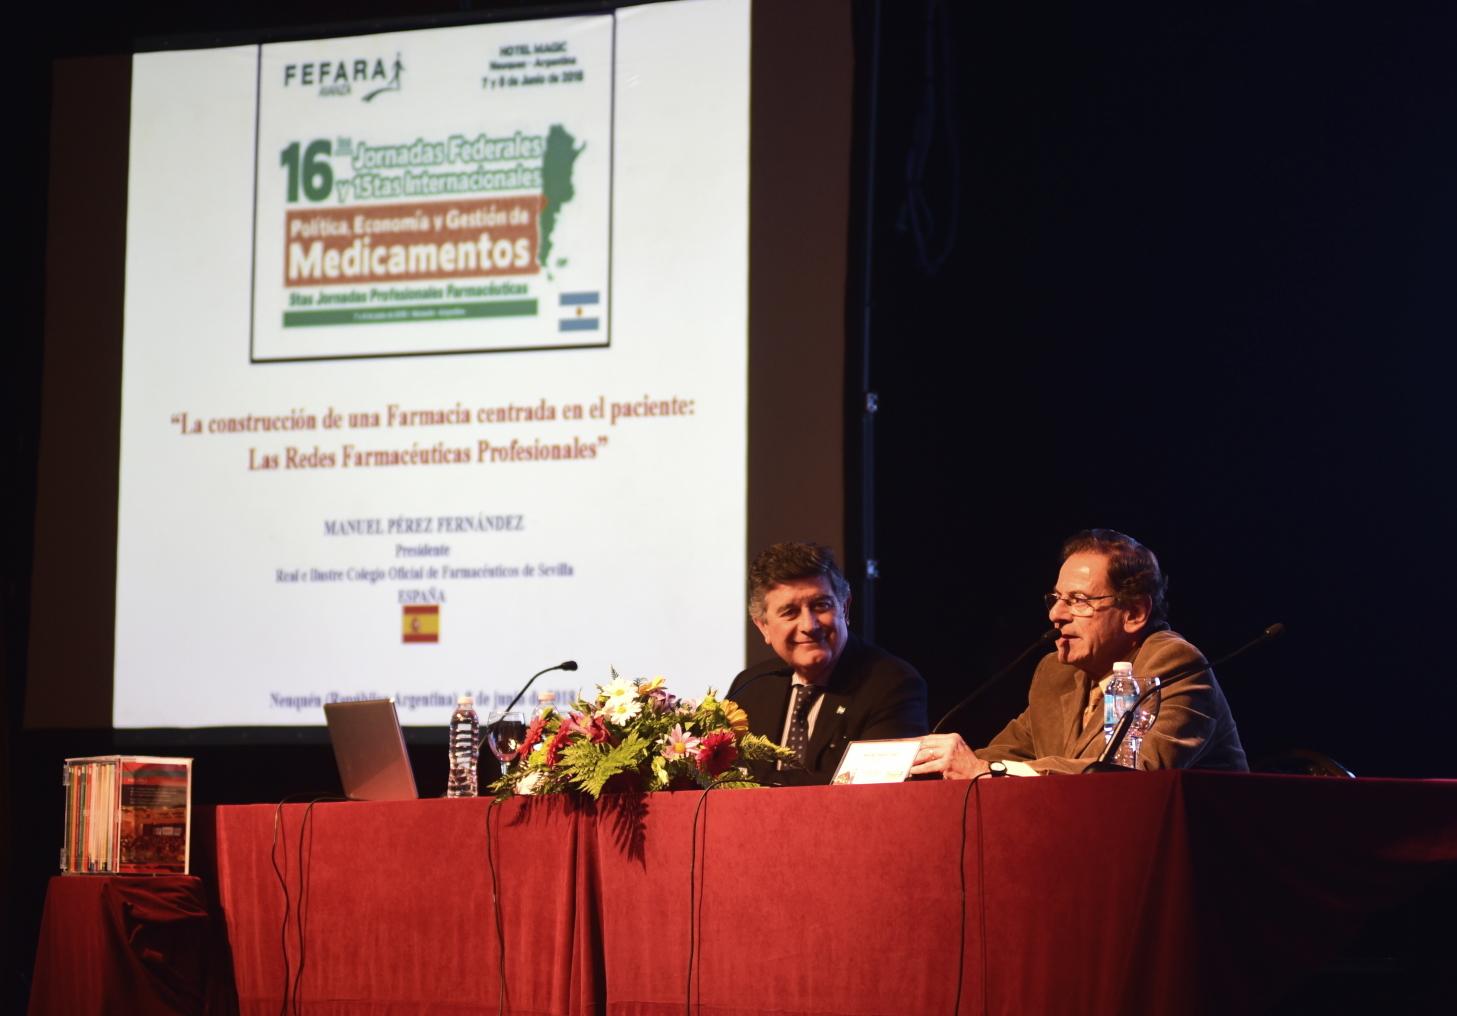 El presidente del Colegio de Farmacéuticos de Sevilla muestra en Argentina los avances de los profesionales sevillanos y andaluces en farmacia asistencial